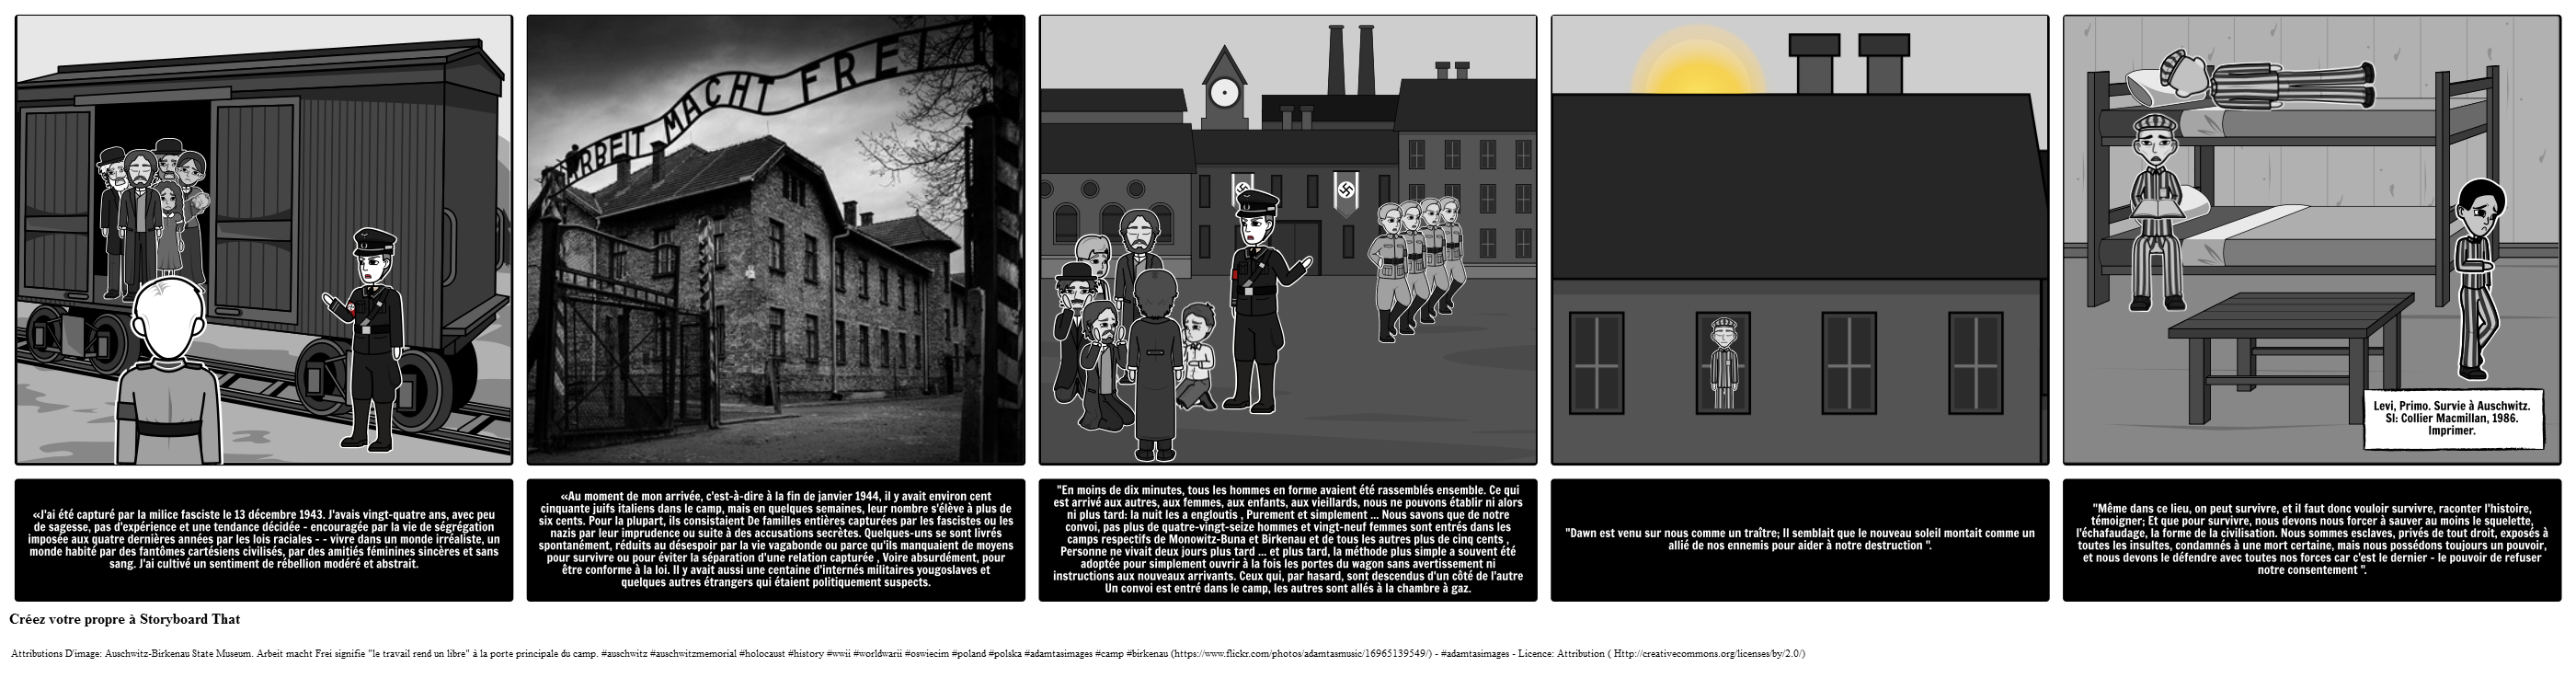 L'histoire de L'Holocauste - Victimes de L'Holocauste: Primo Levy